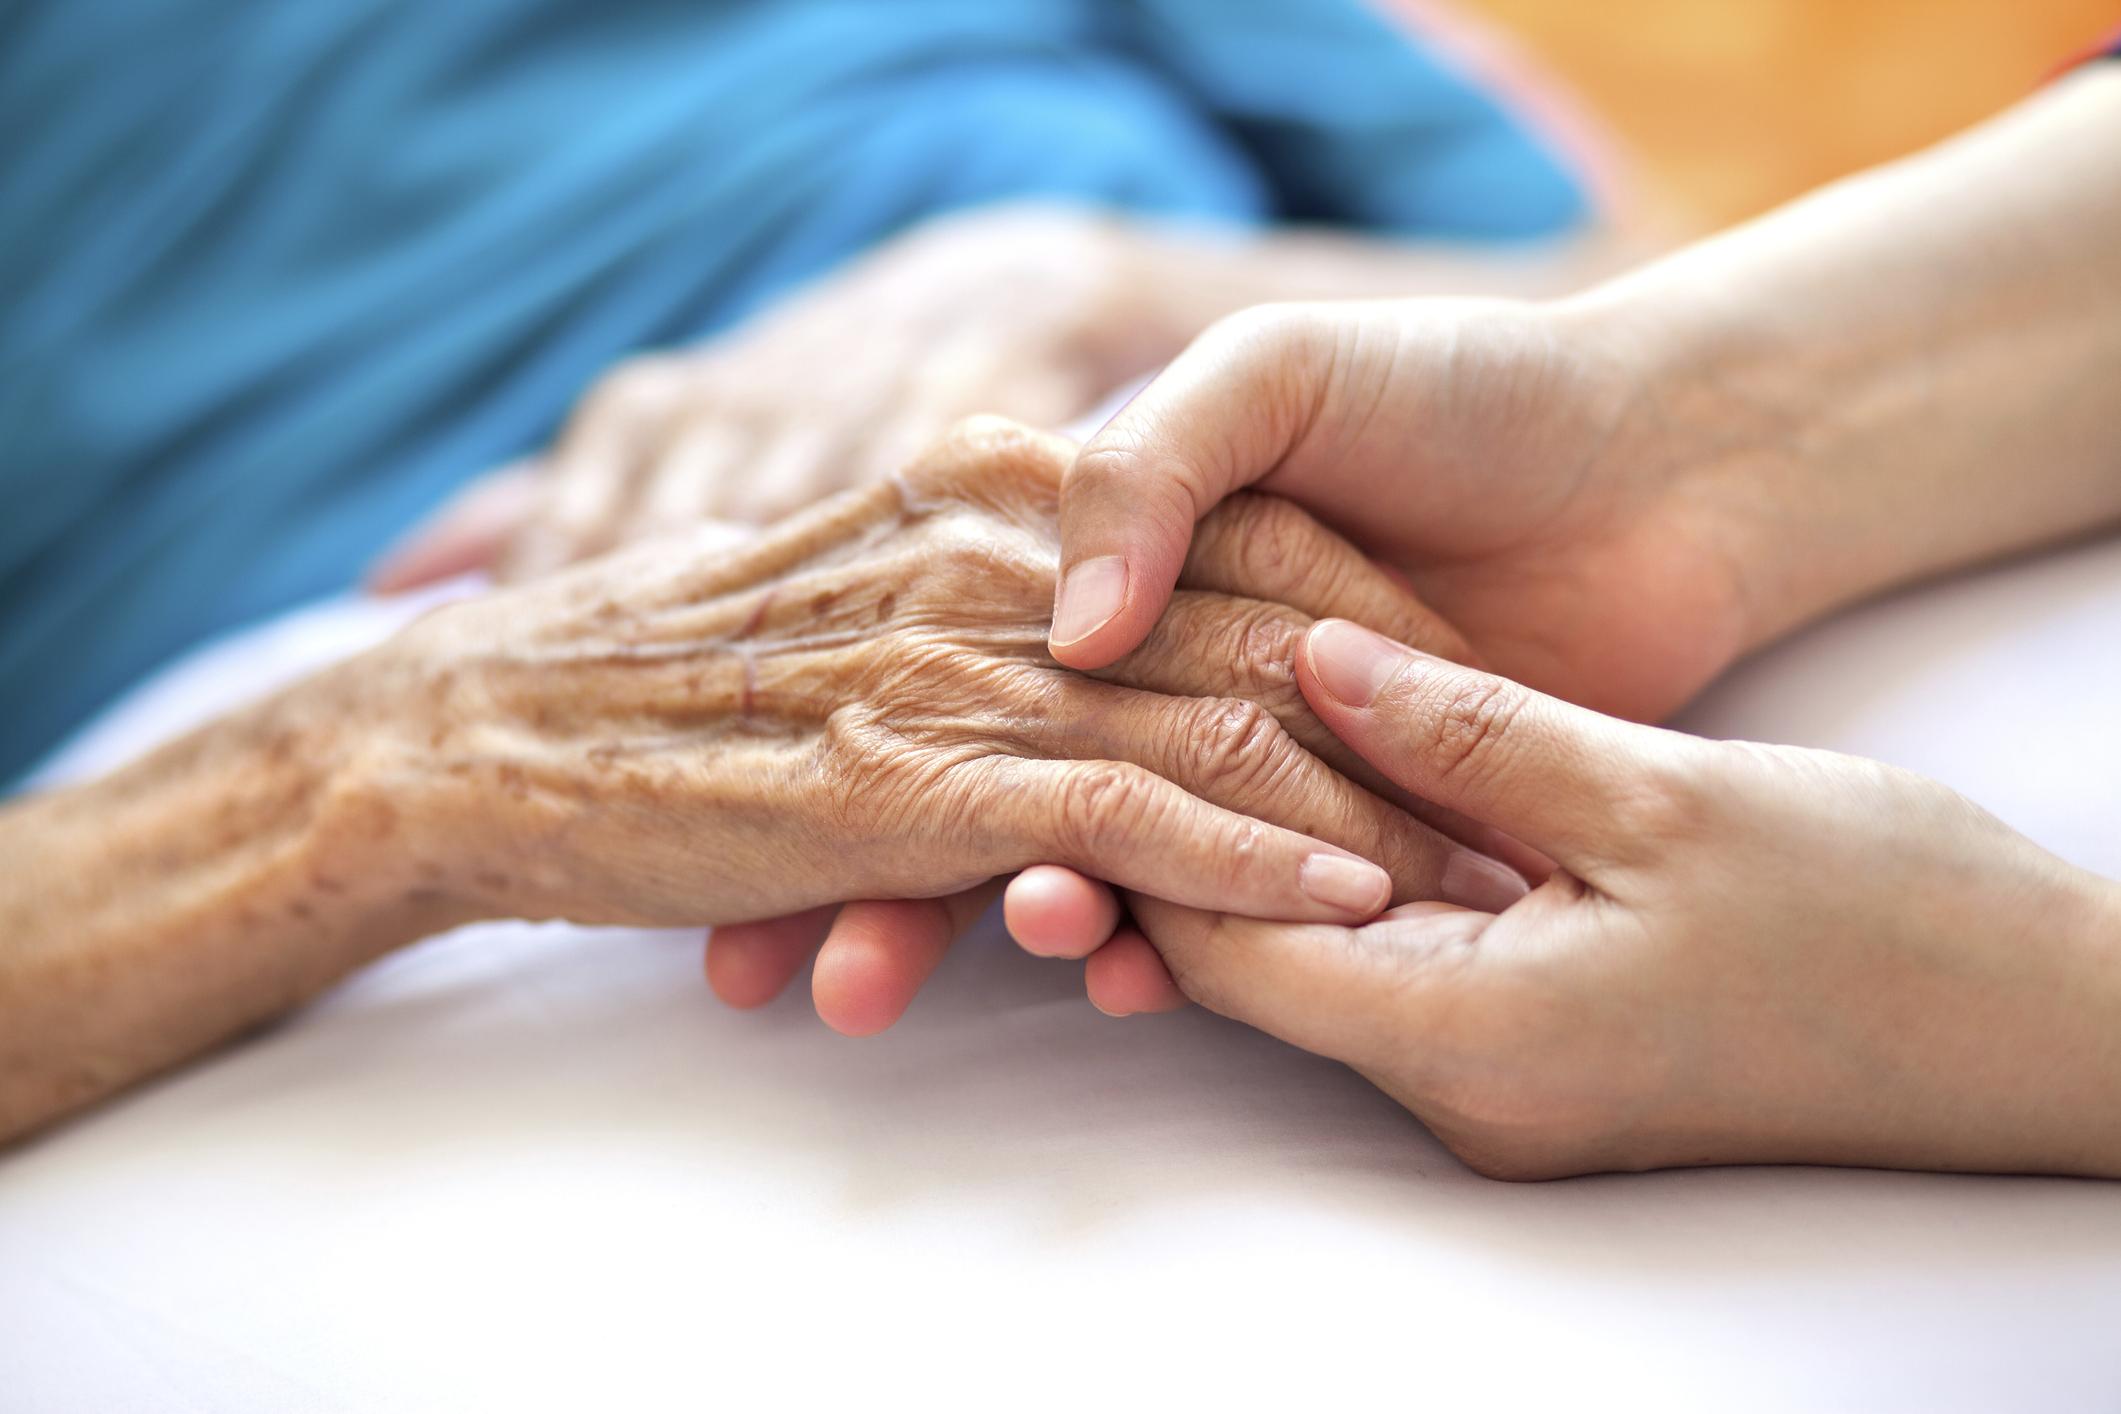 Understanding Personal Care Needs